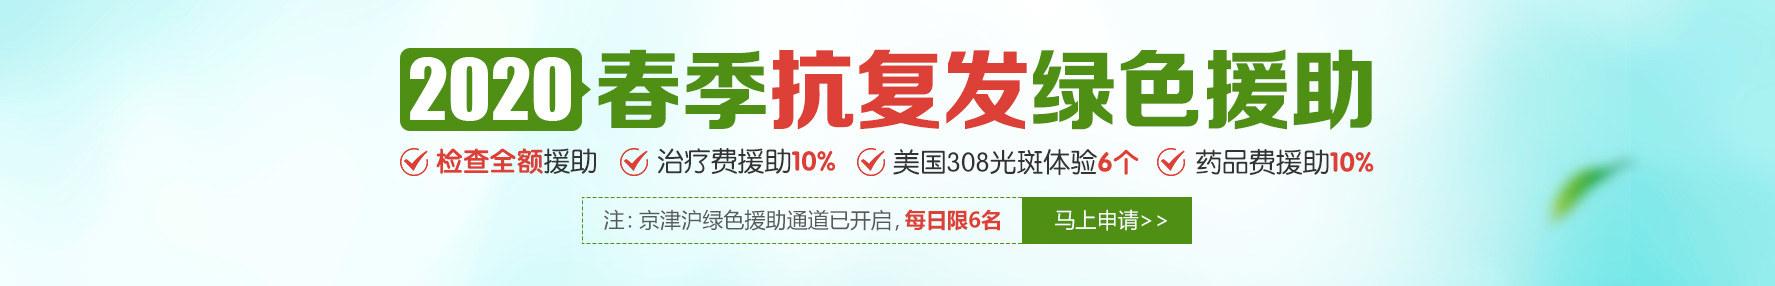 天津红桥中都白癜风在线视频偷国产精品